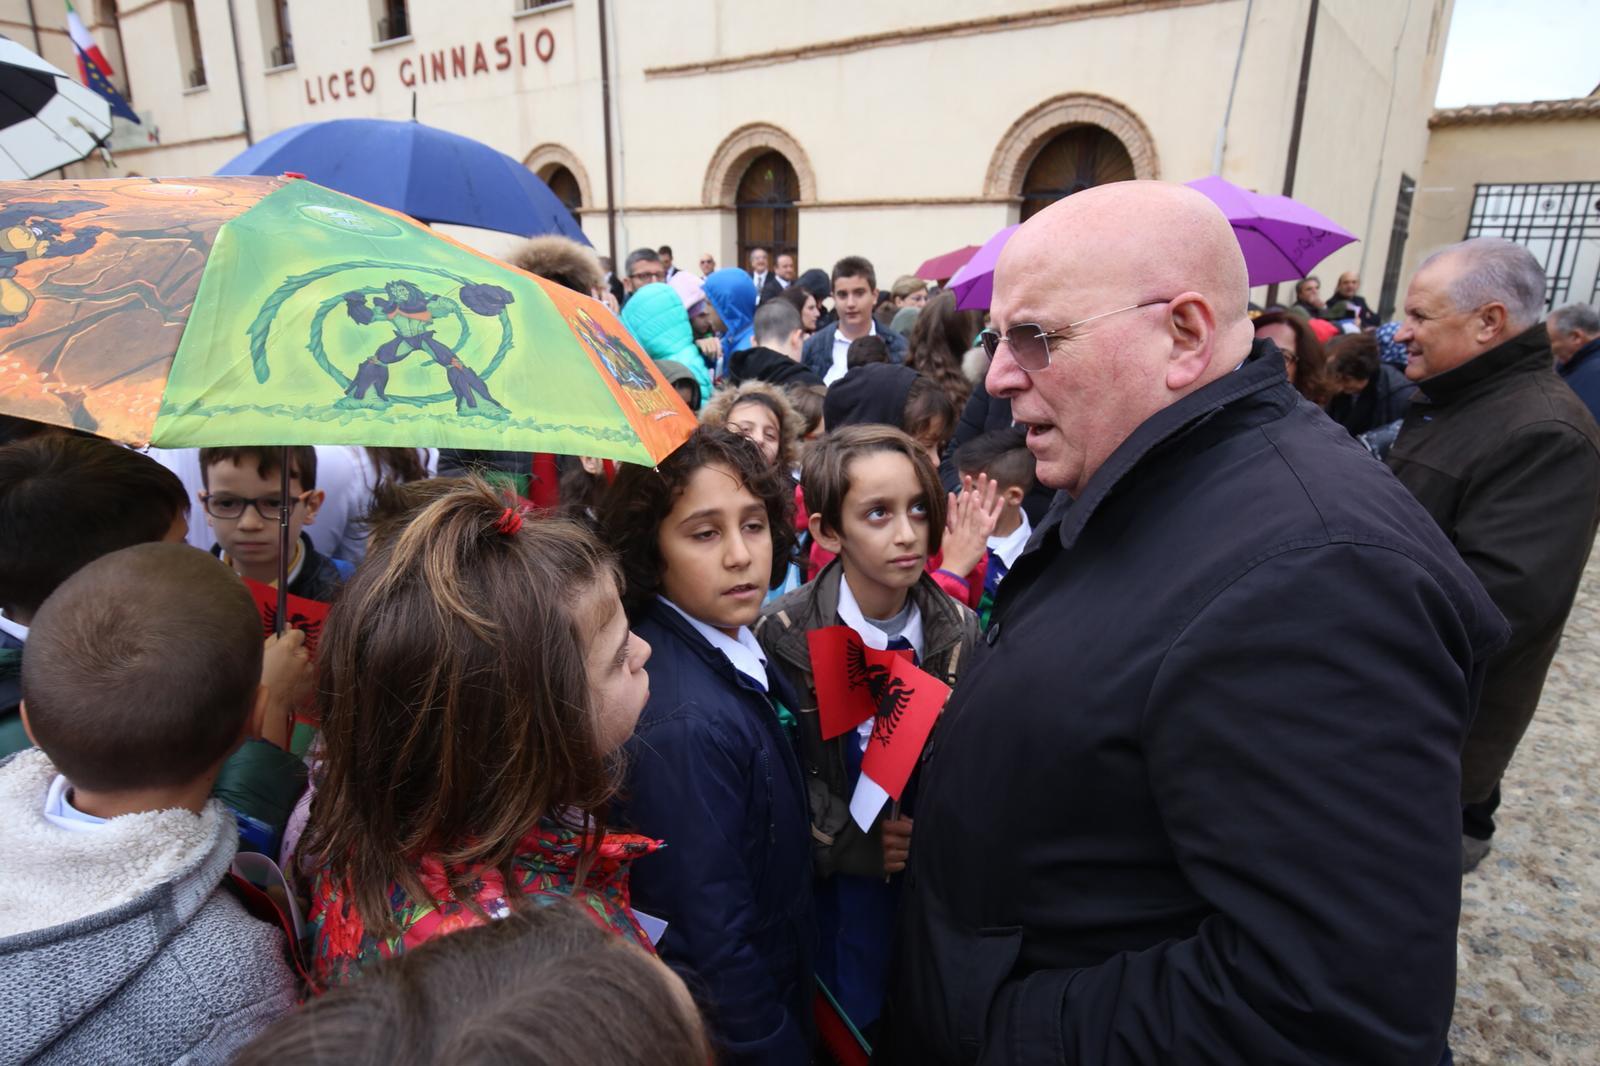 FOTO - Il Presidente Mattarella in Calabria: la visita alle comunità arbereshe